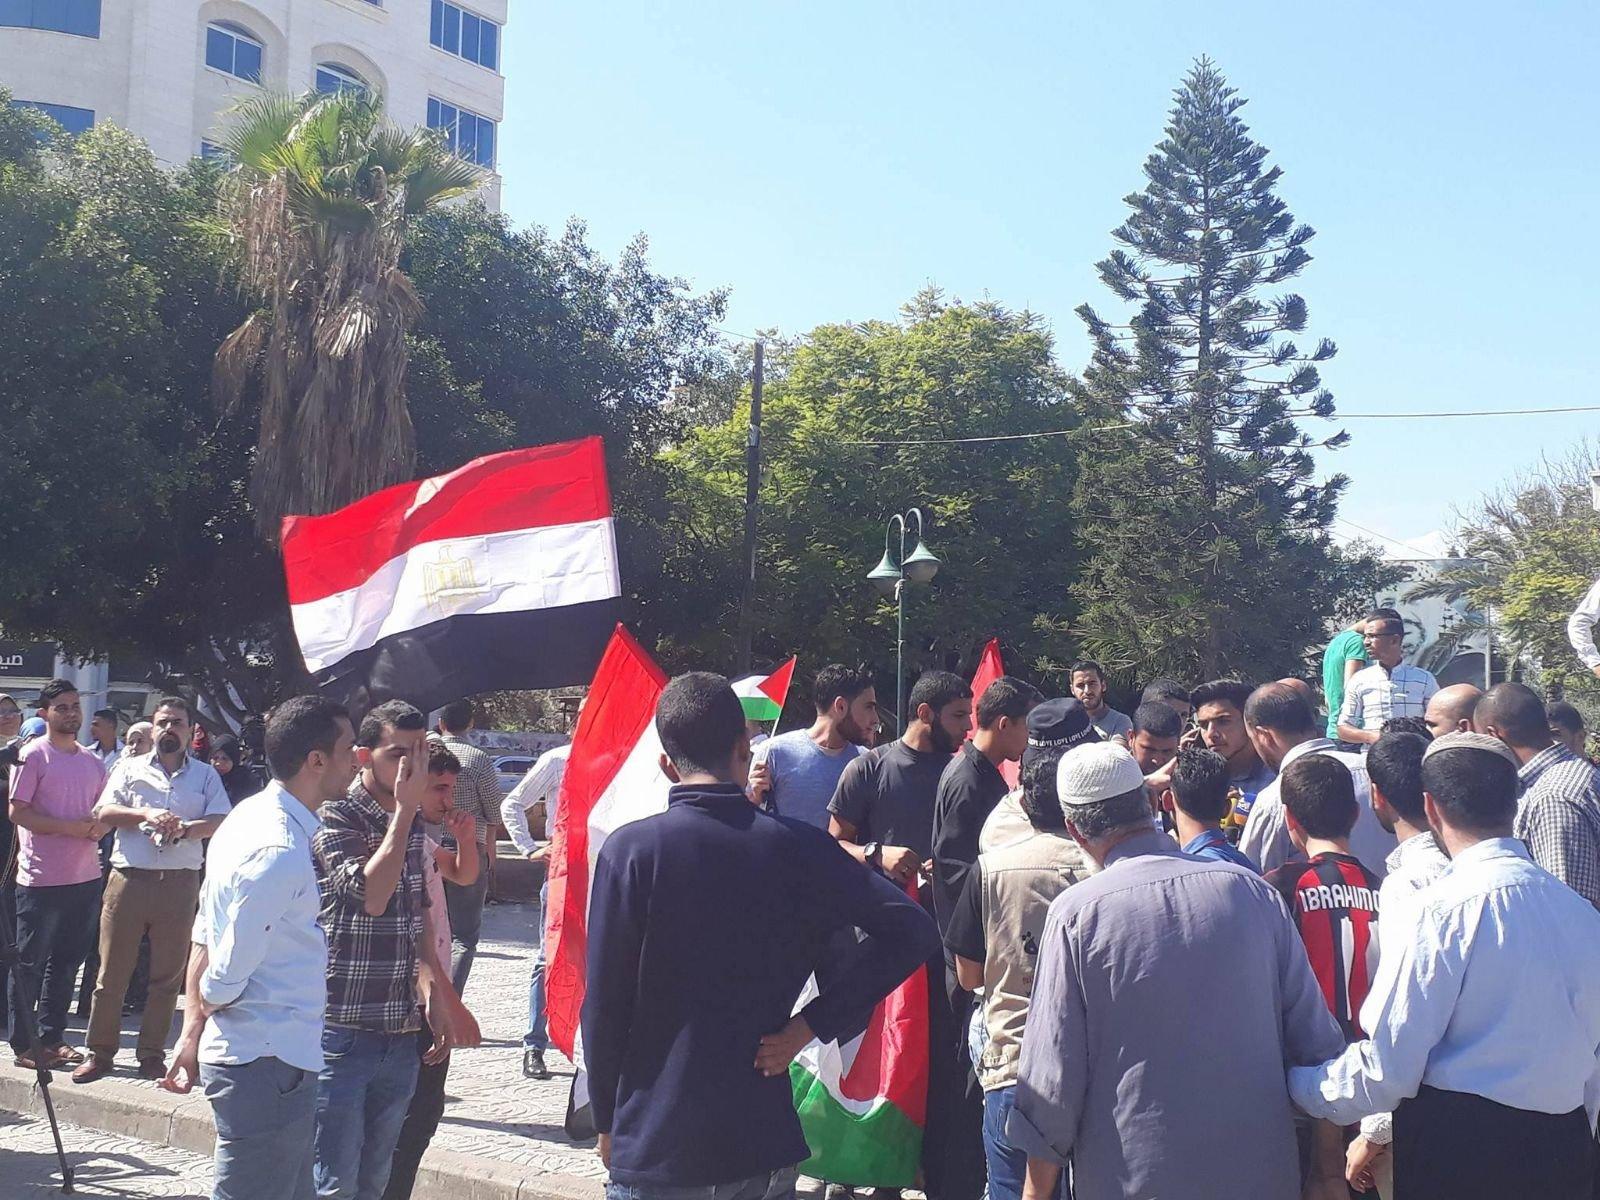 فتح وحماس توصلتا الى اتفاقية برعاية مصرية